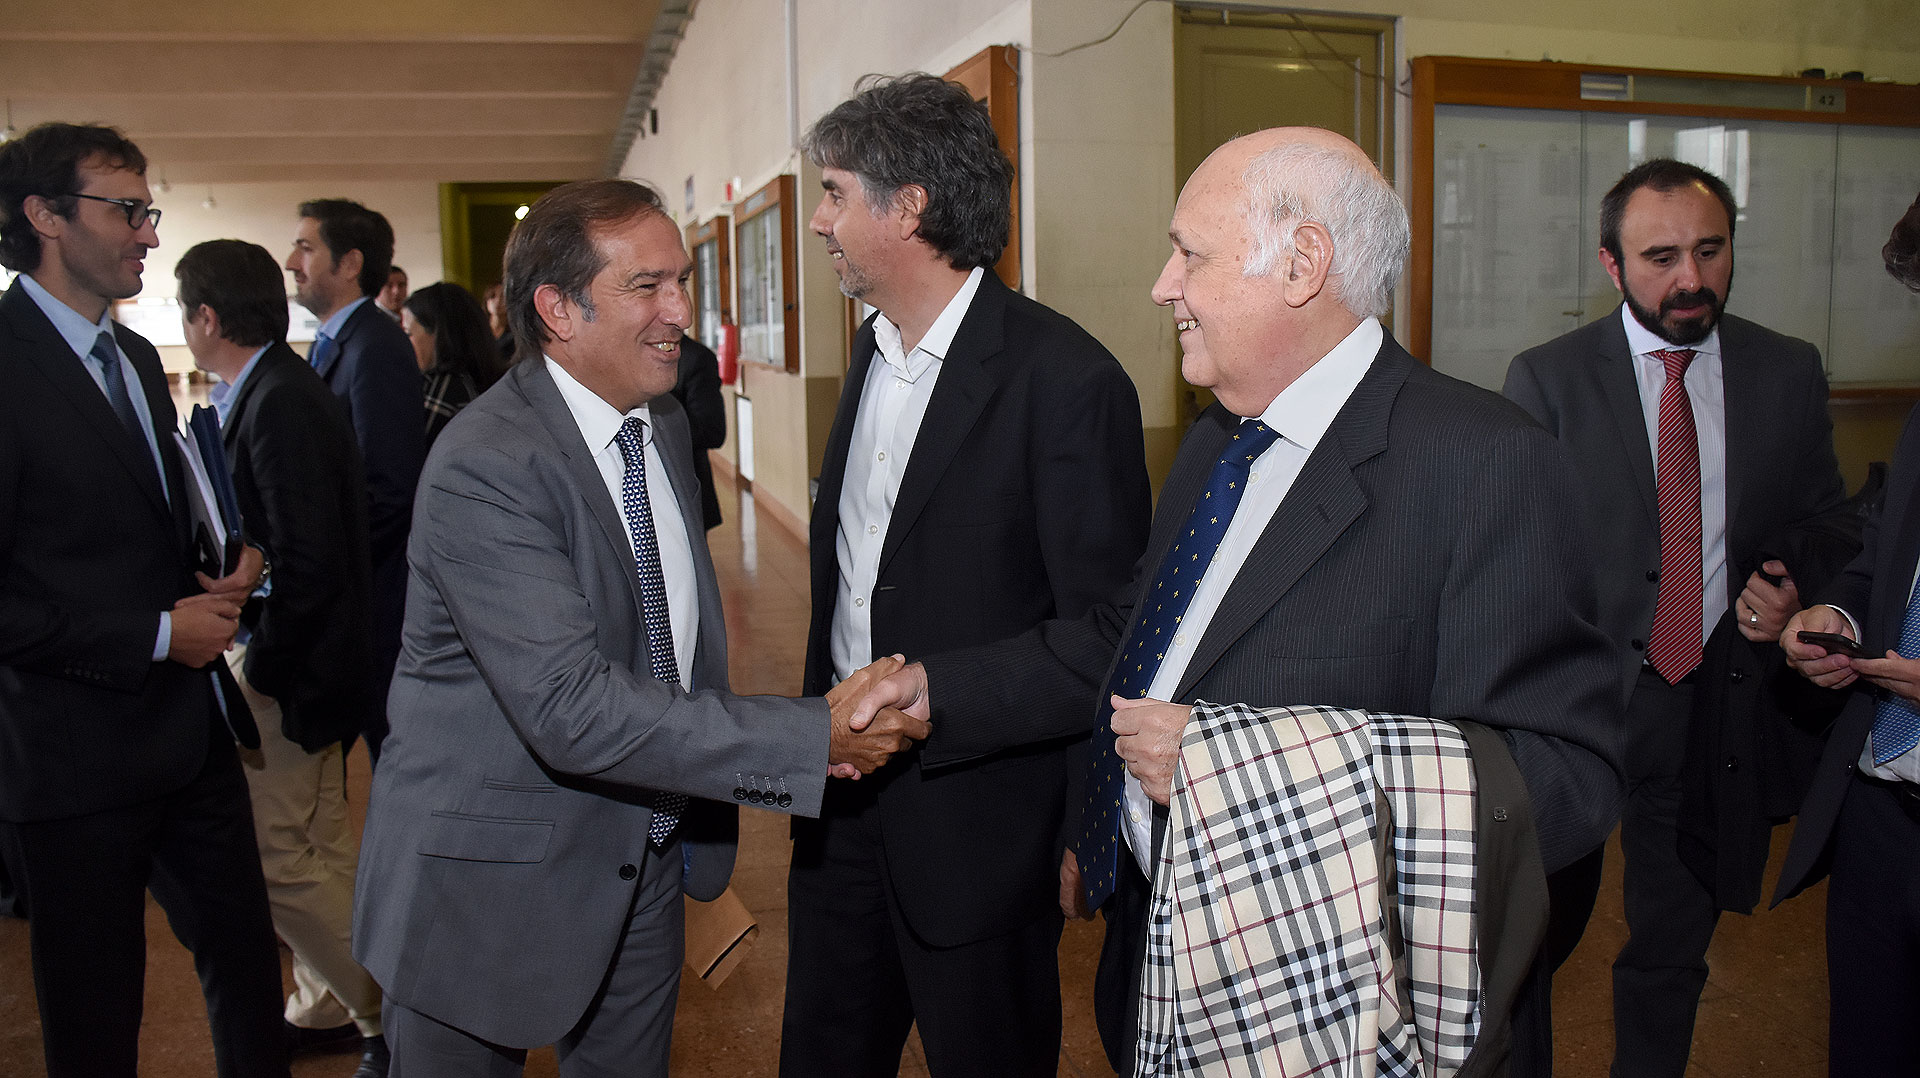 El juez penal Económico Ezequiel Berón de Astrada saluda al magistrado Jorge Tassara